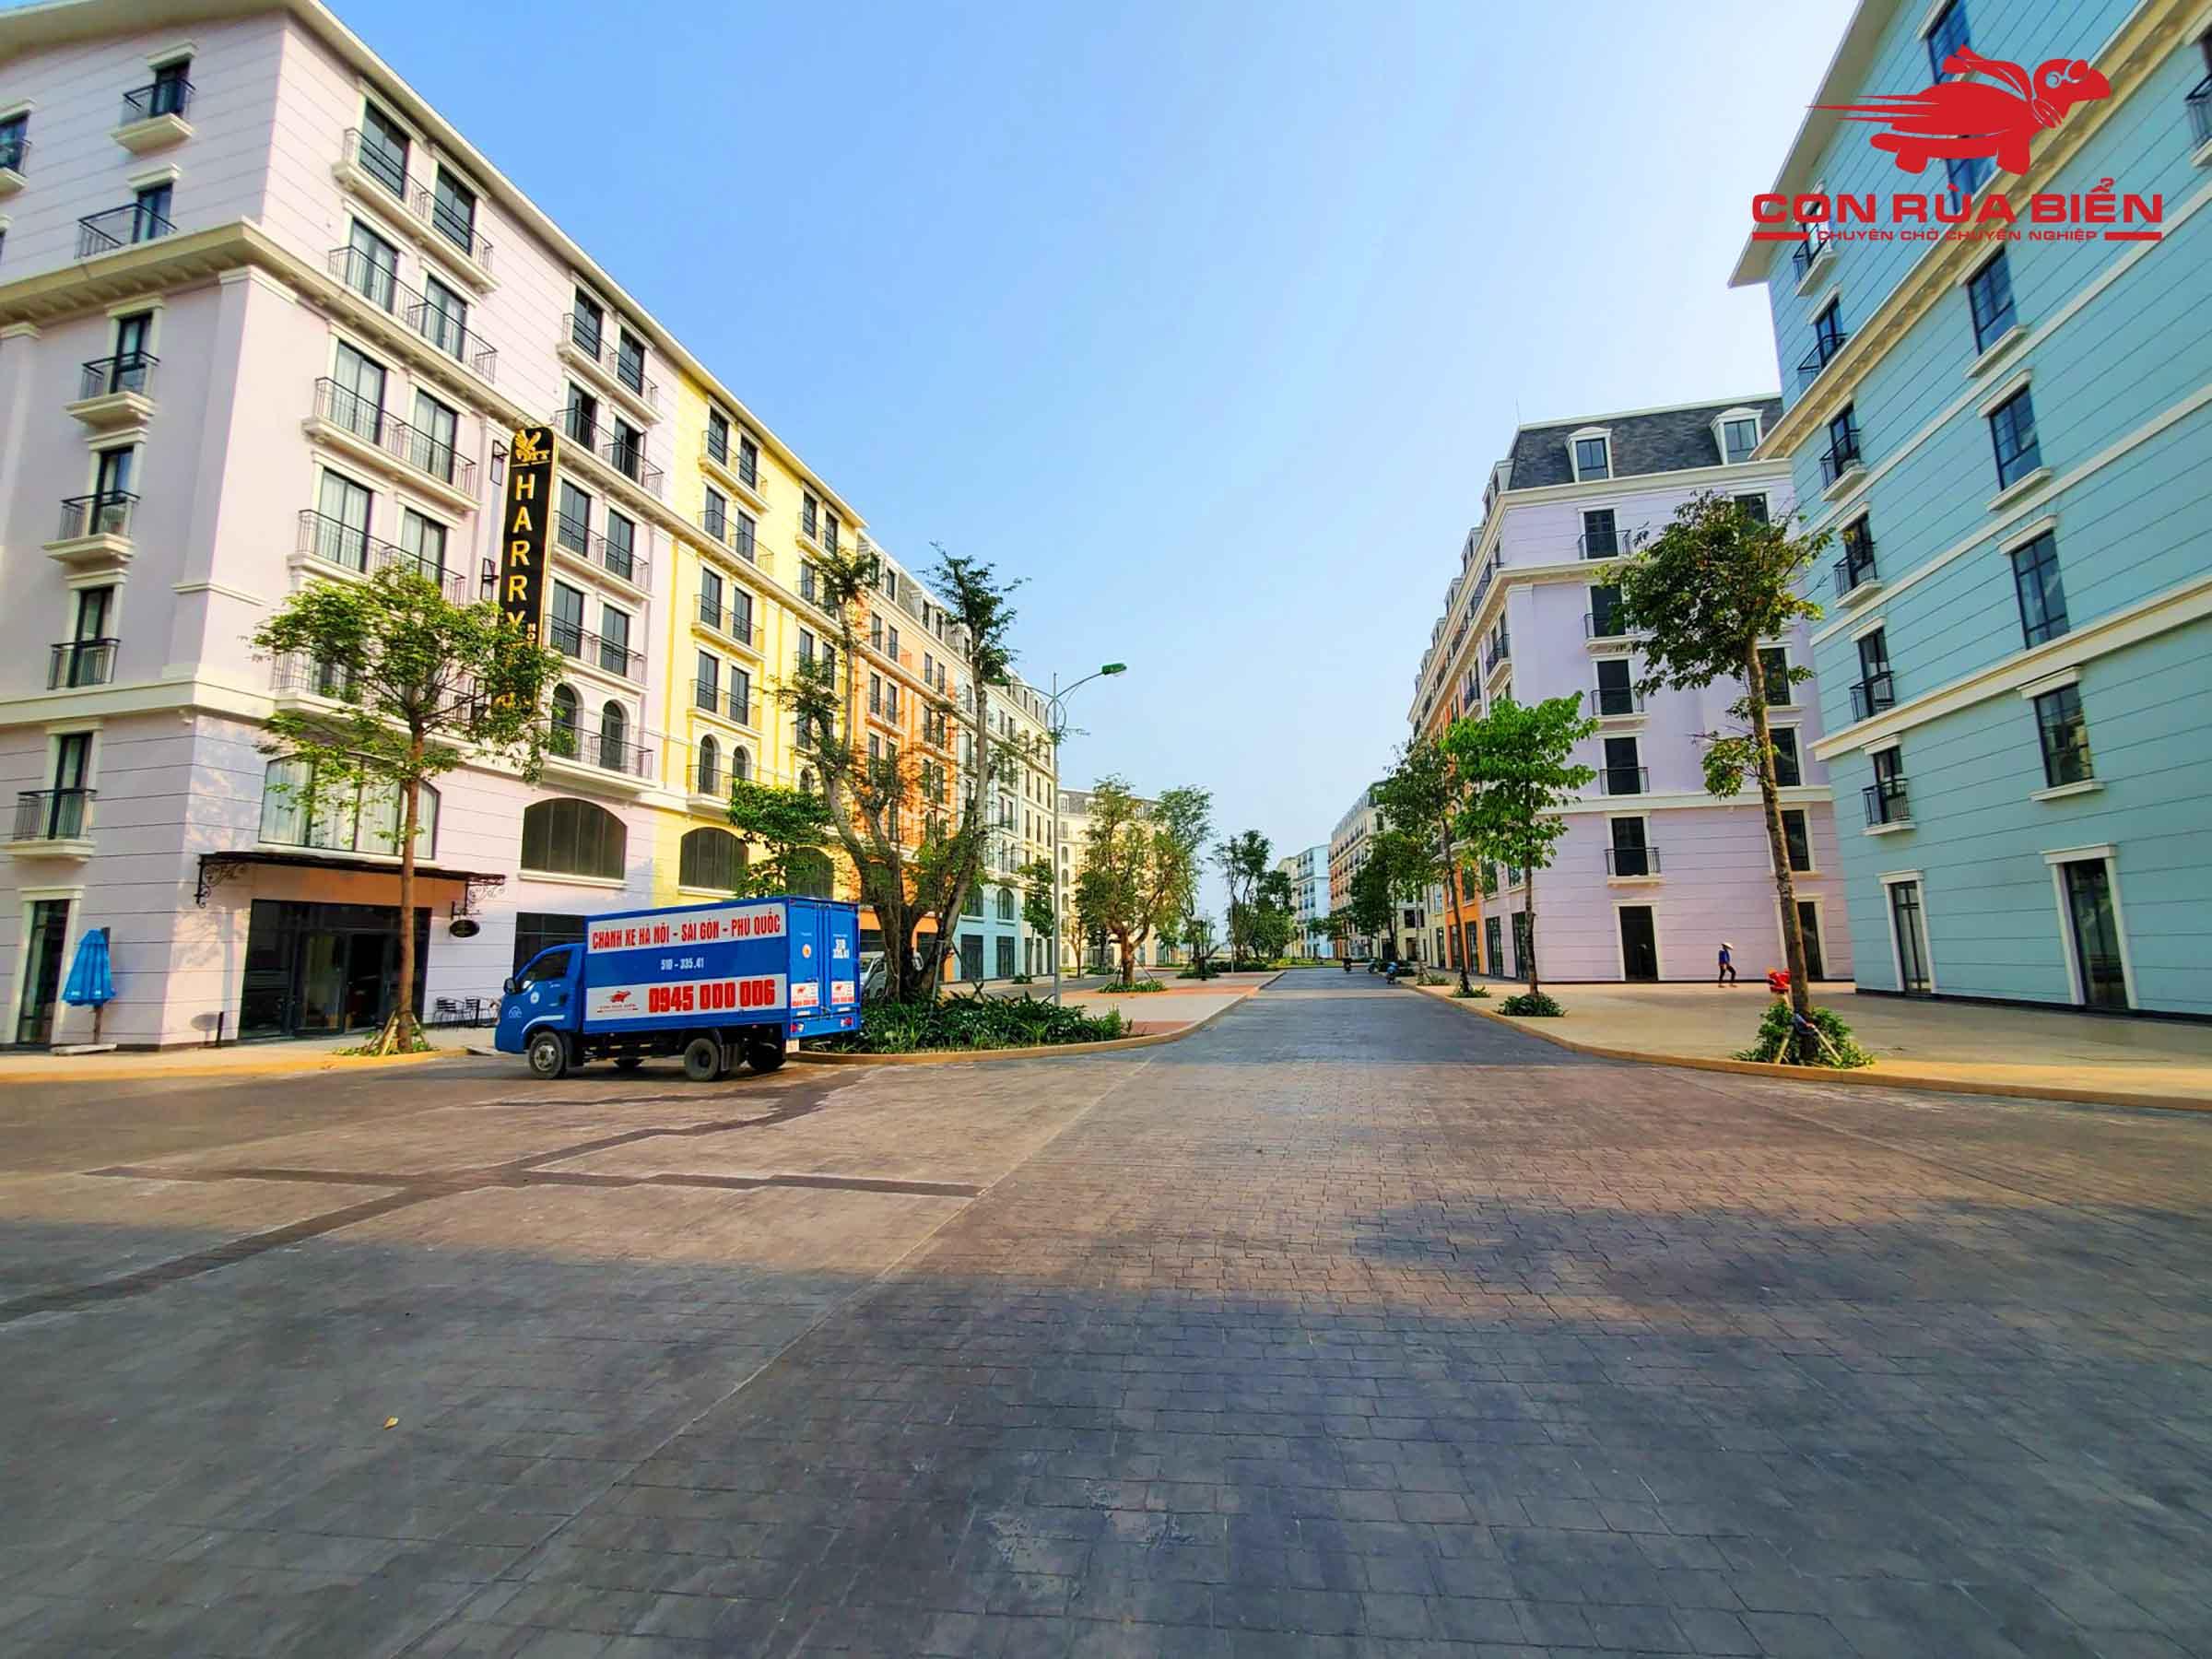 (ảnh tin tức: Chành xe Hà Nội Phú Quốc)